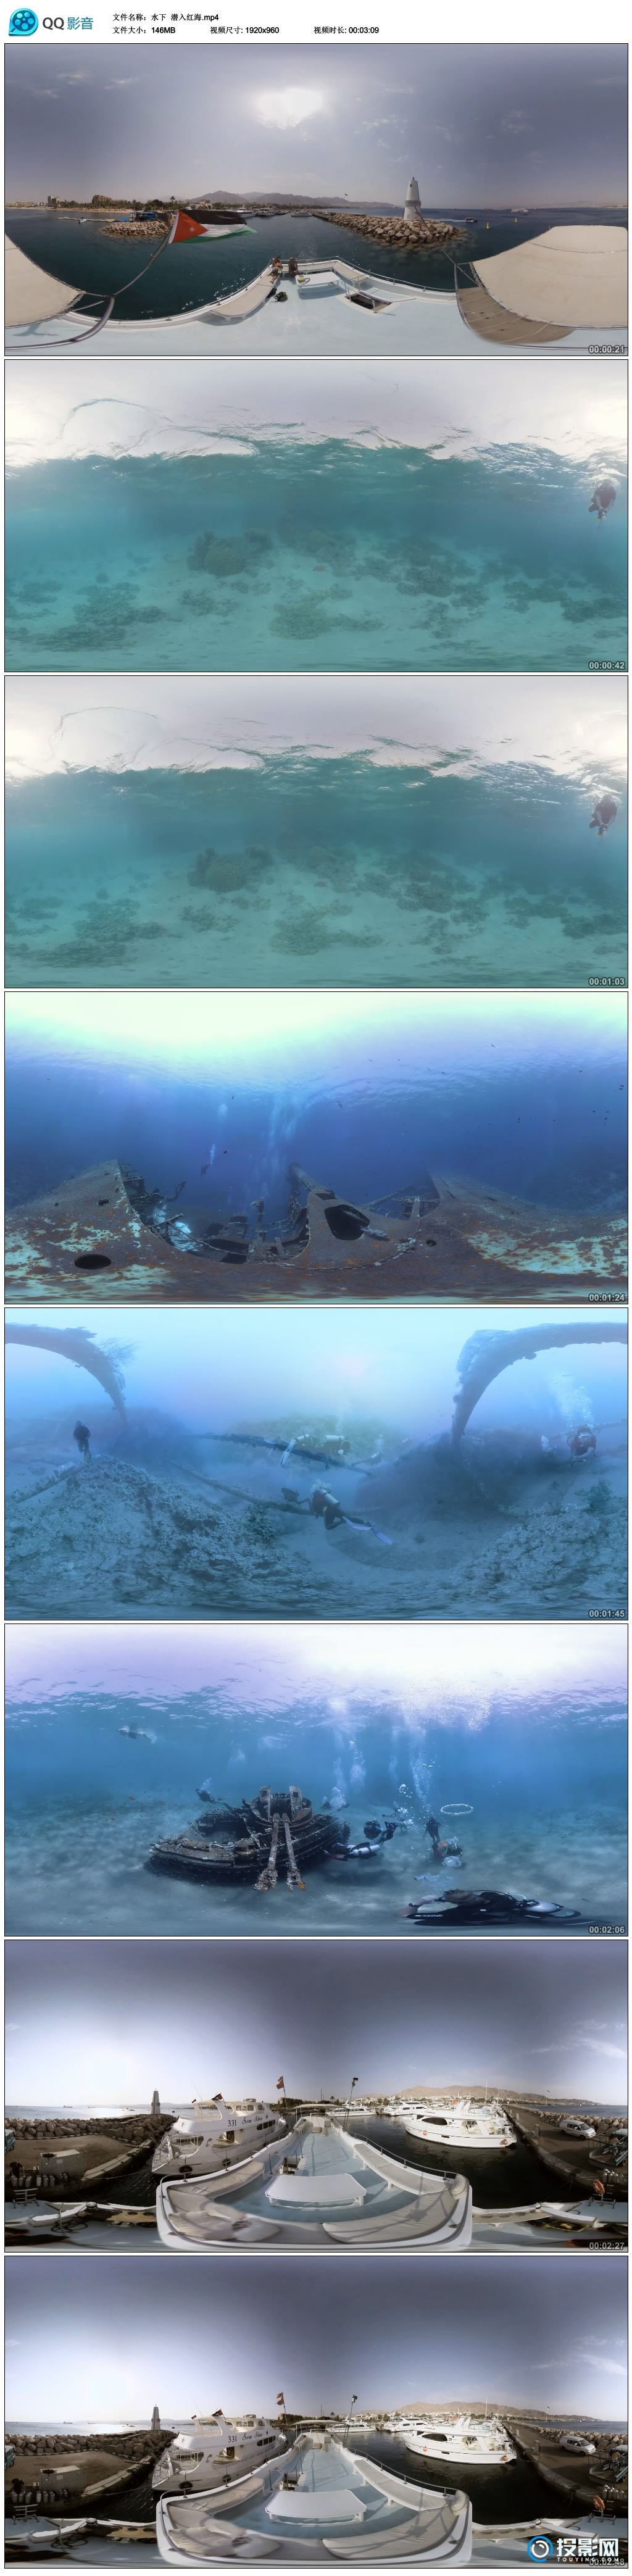 [VR360°全景] 水下  潜入红海 VR视频下载